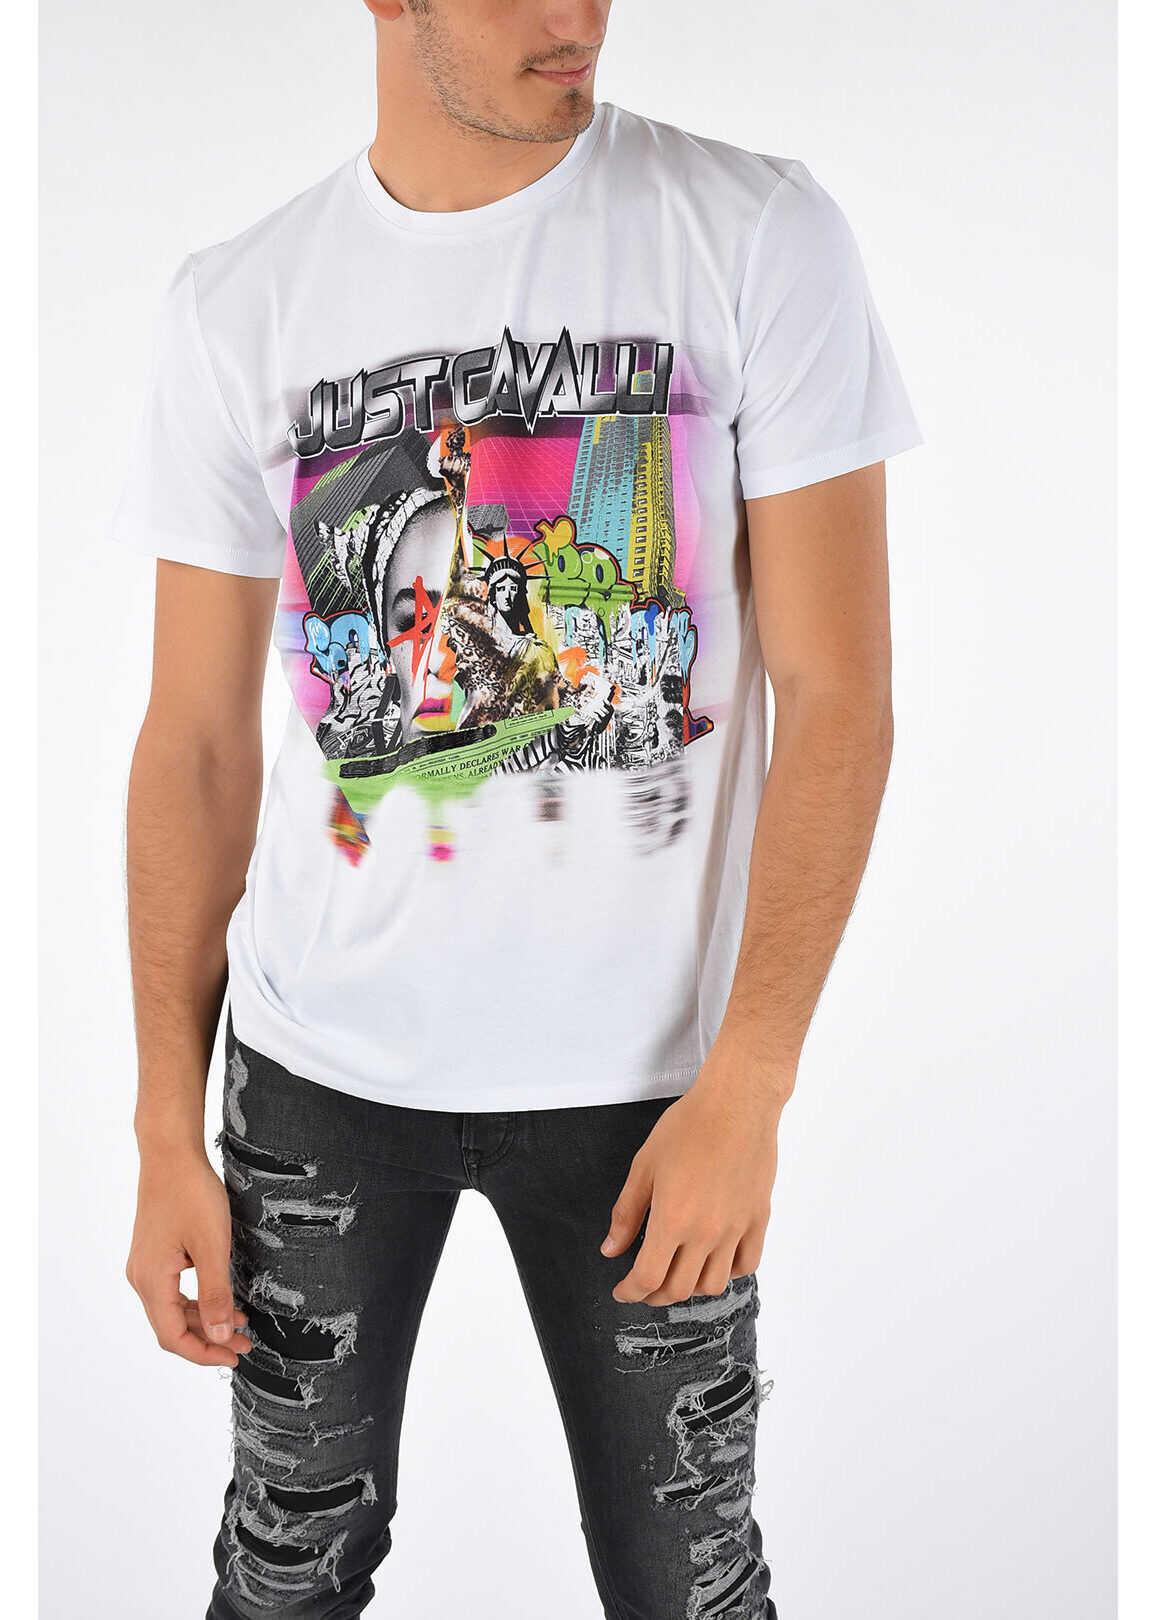 Just Cavalli Printed T-shirt WHITE